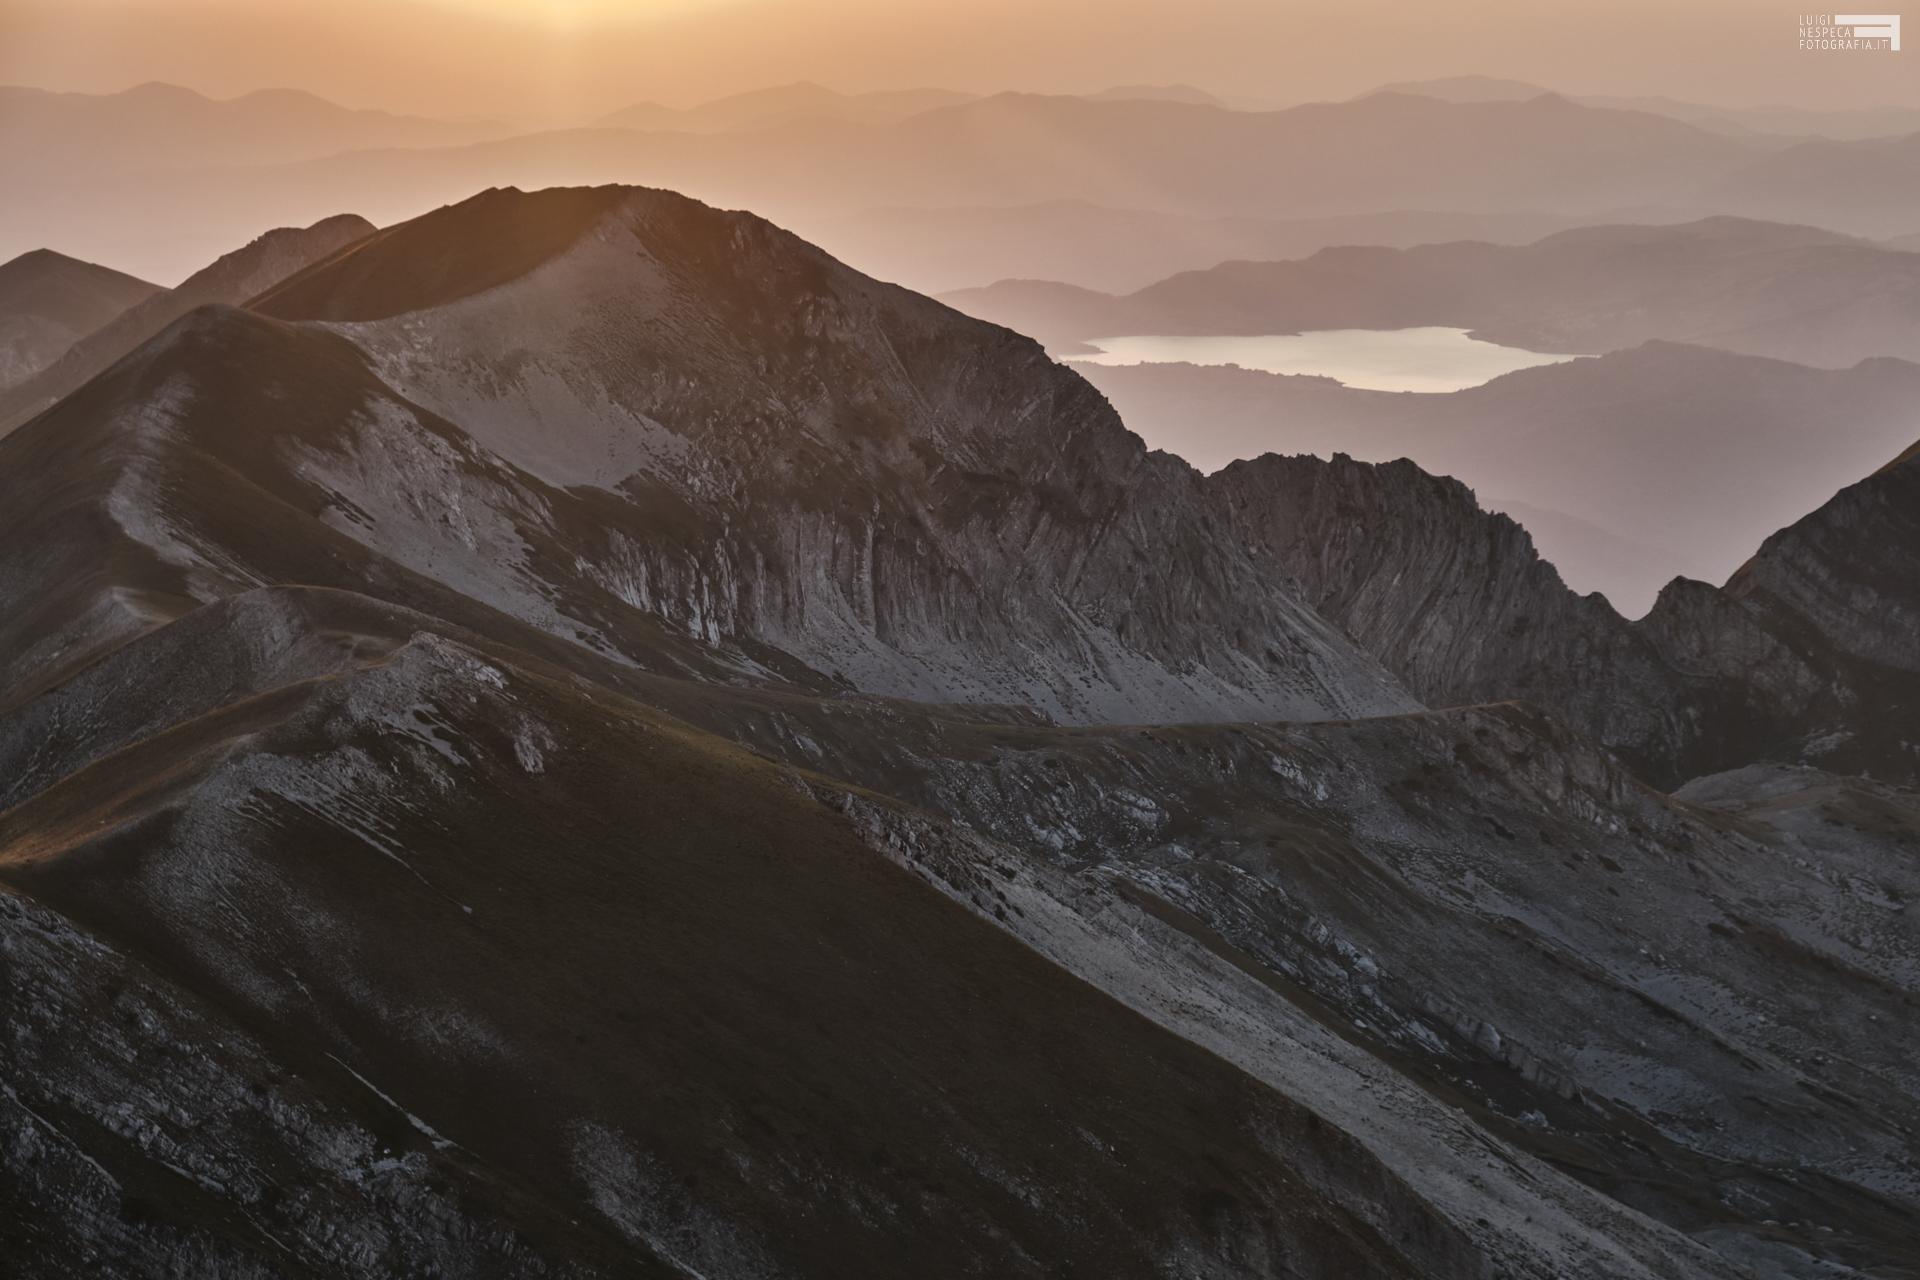 Agosto 2021 - dalla vetta del Pizzo Cefalone - Malecoste e Lago di Campotosto